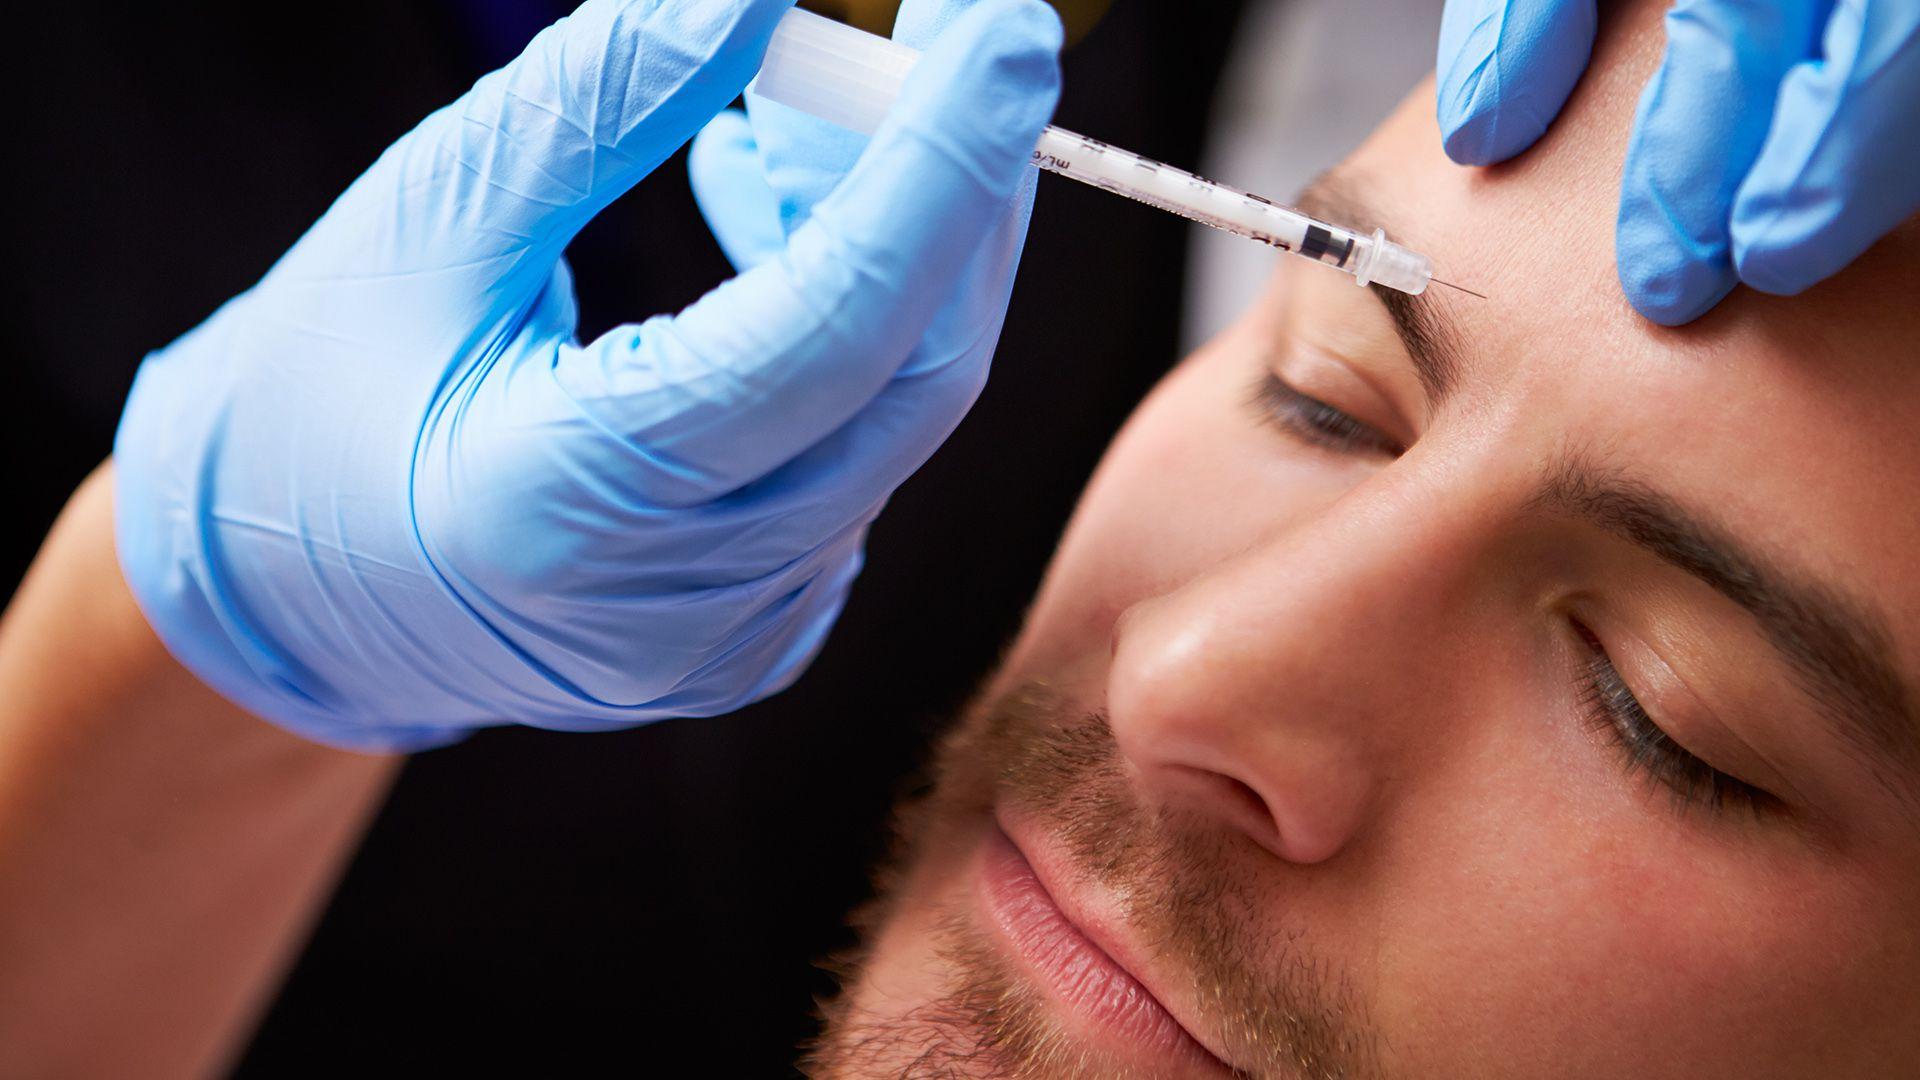 Los hombres representan el 14,4% de los pacientes de medicina estética en todo el mundo (Shutterstock)